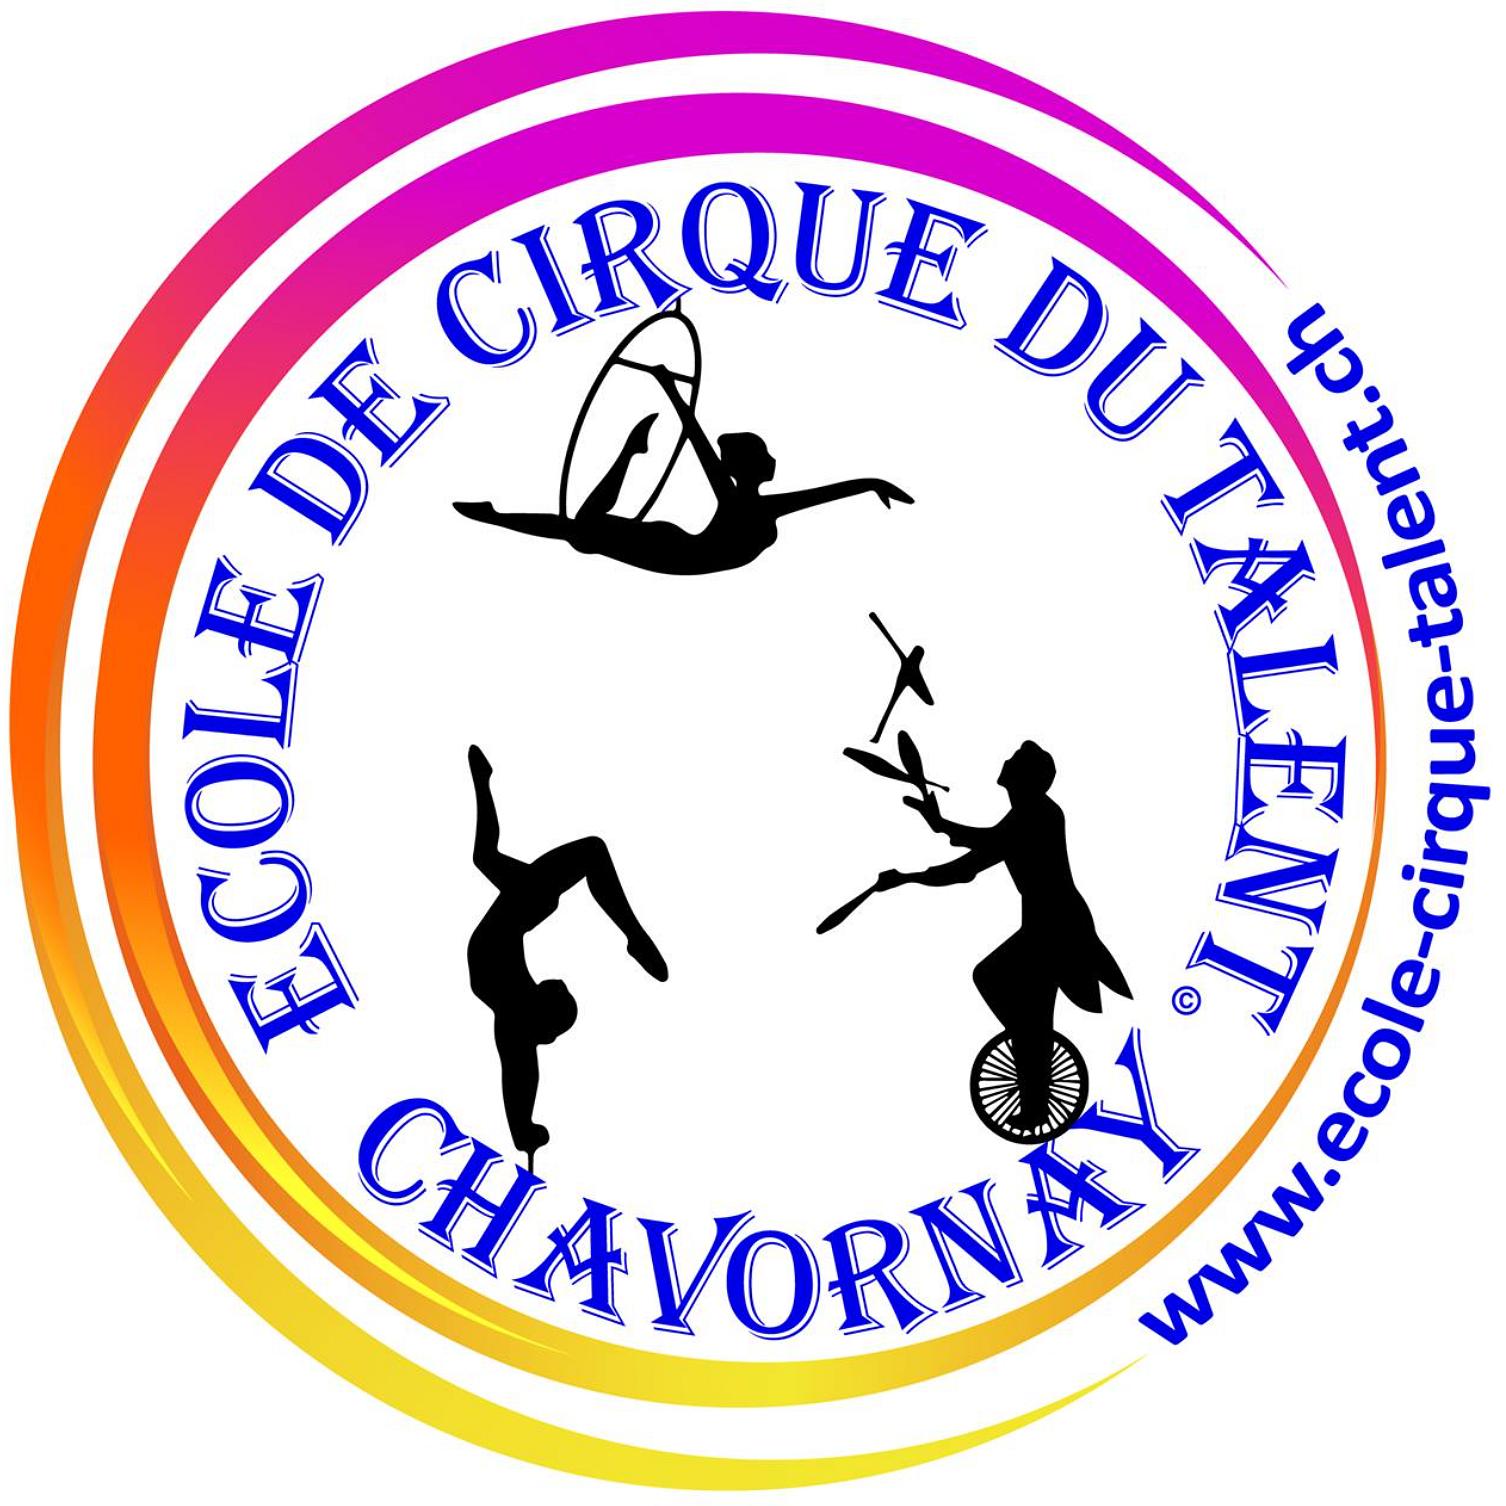 Ecole de cirque du Talent